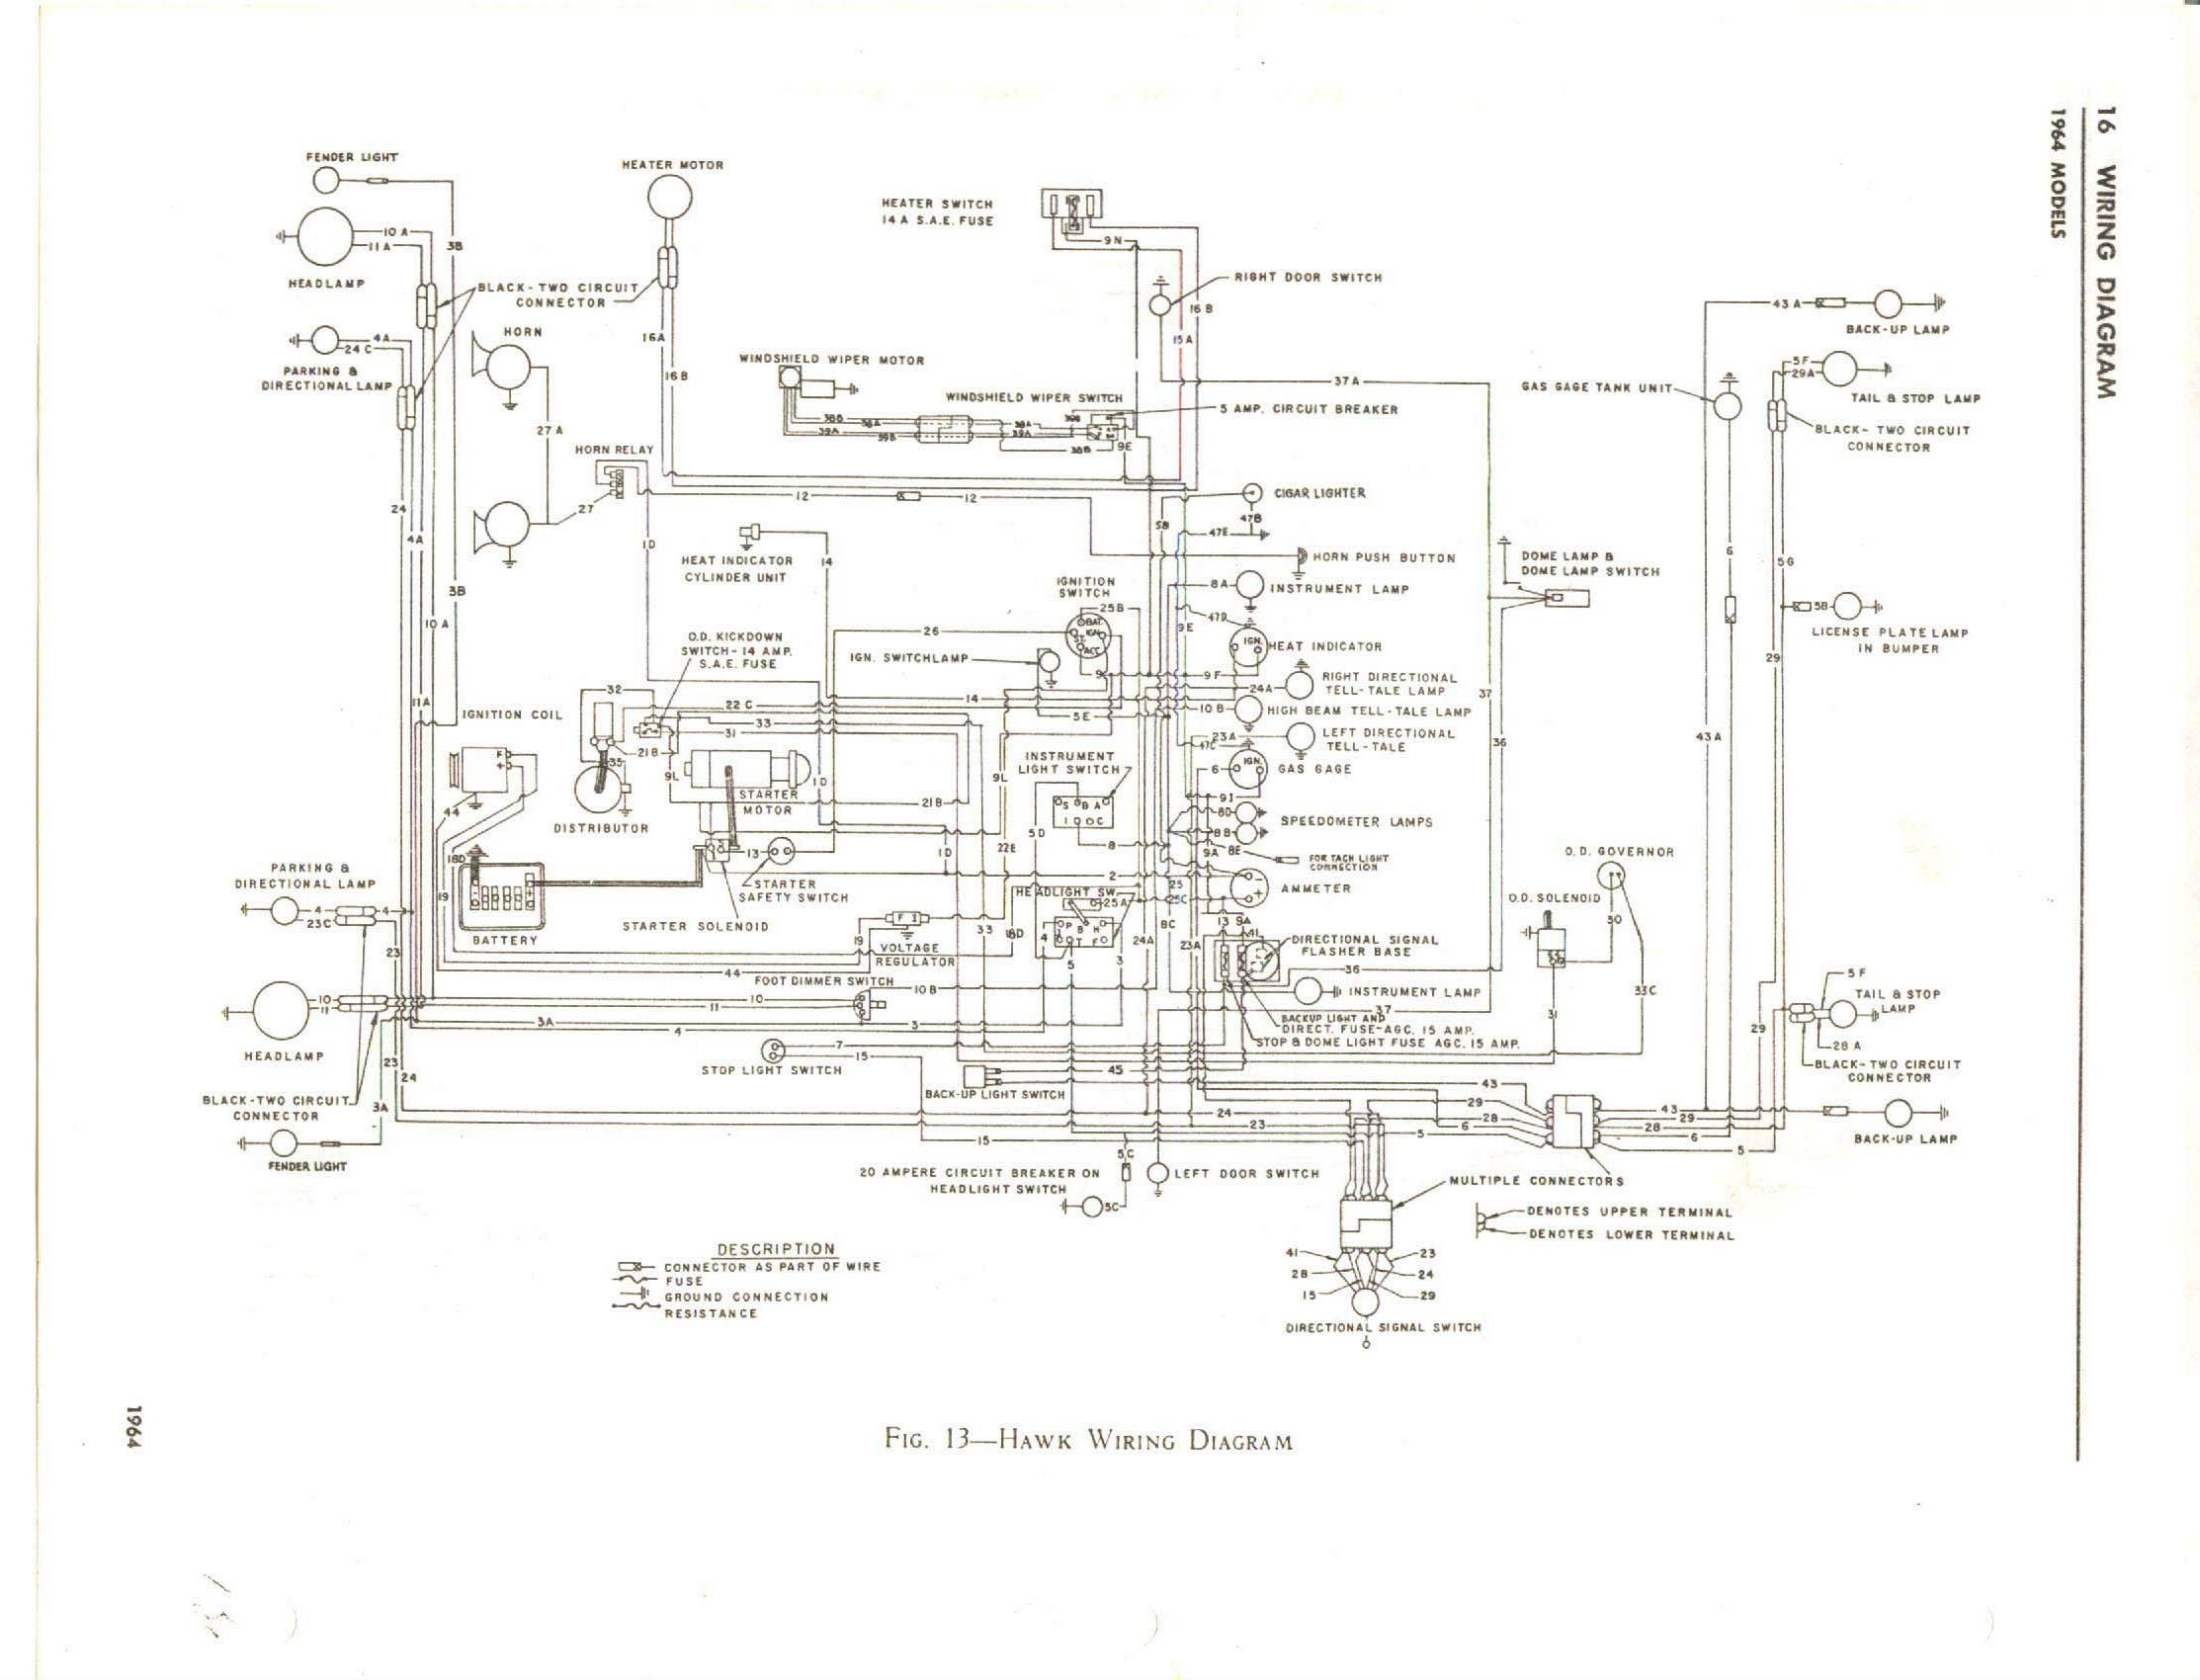 Dayton 4yu35 Wd Motor Wiring Diagram. . Wiring Diagram on